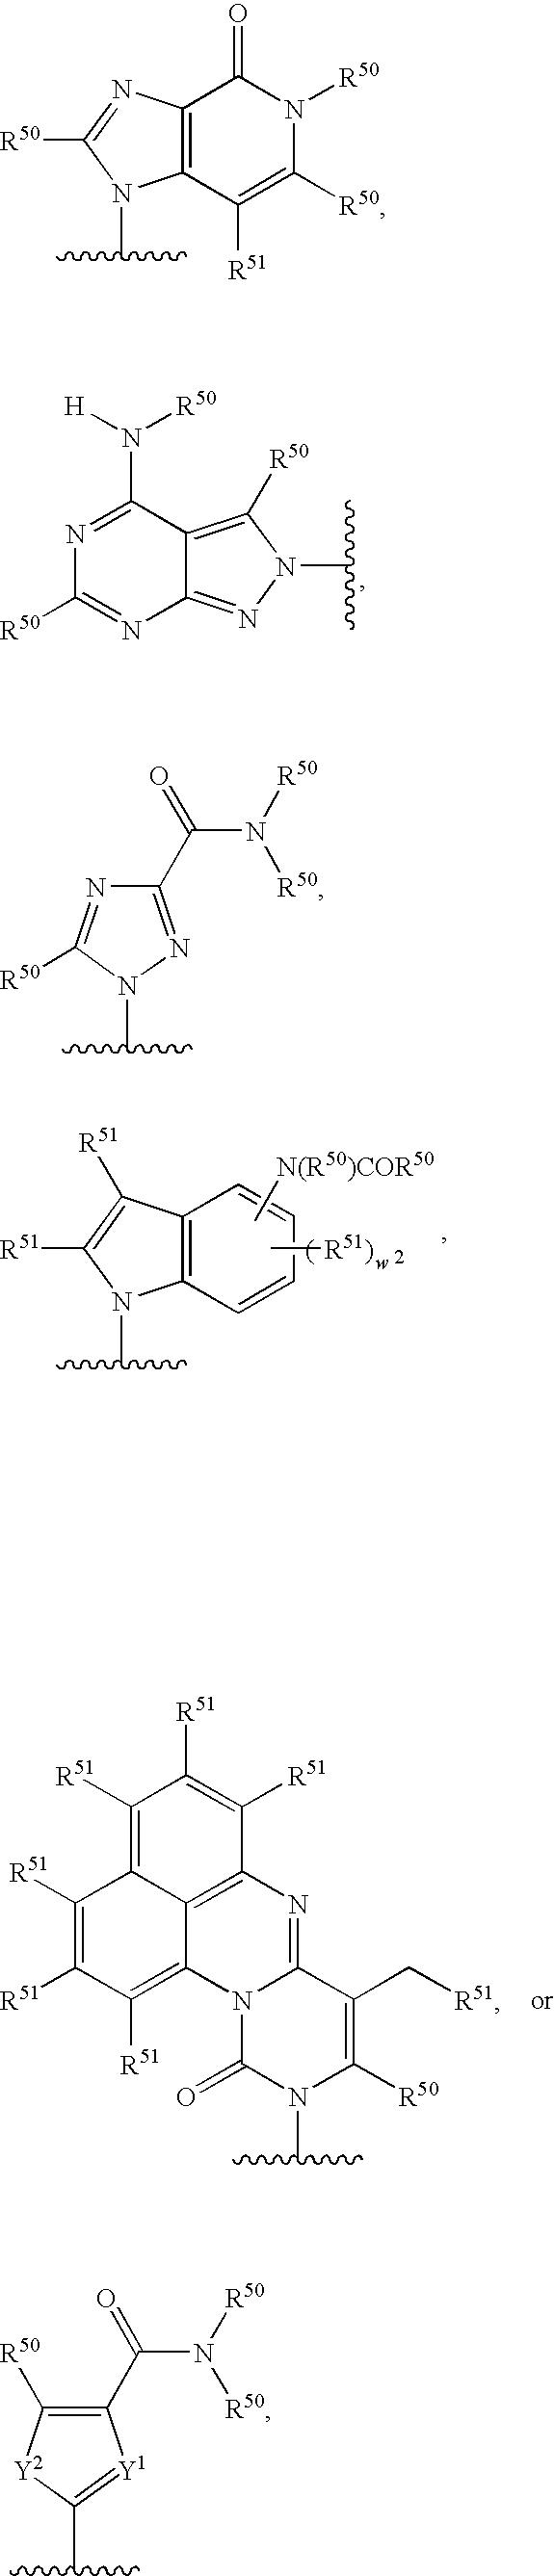 Figure US07772387-20100810-C00009